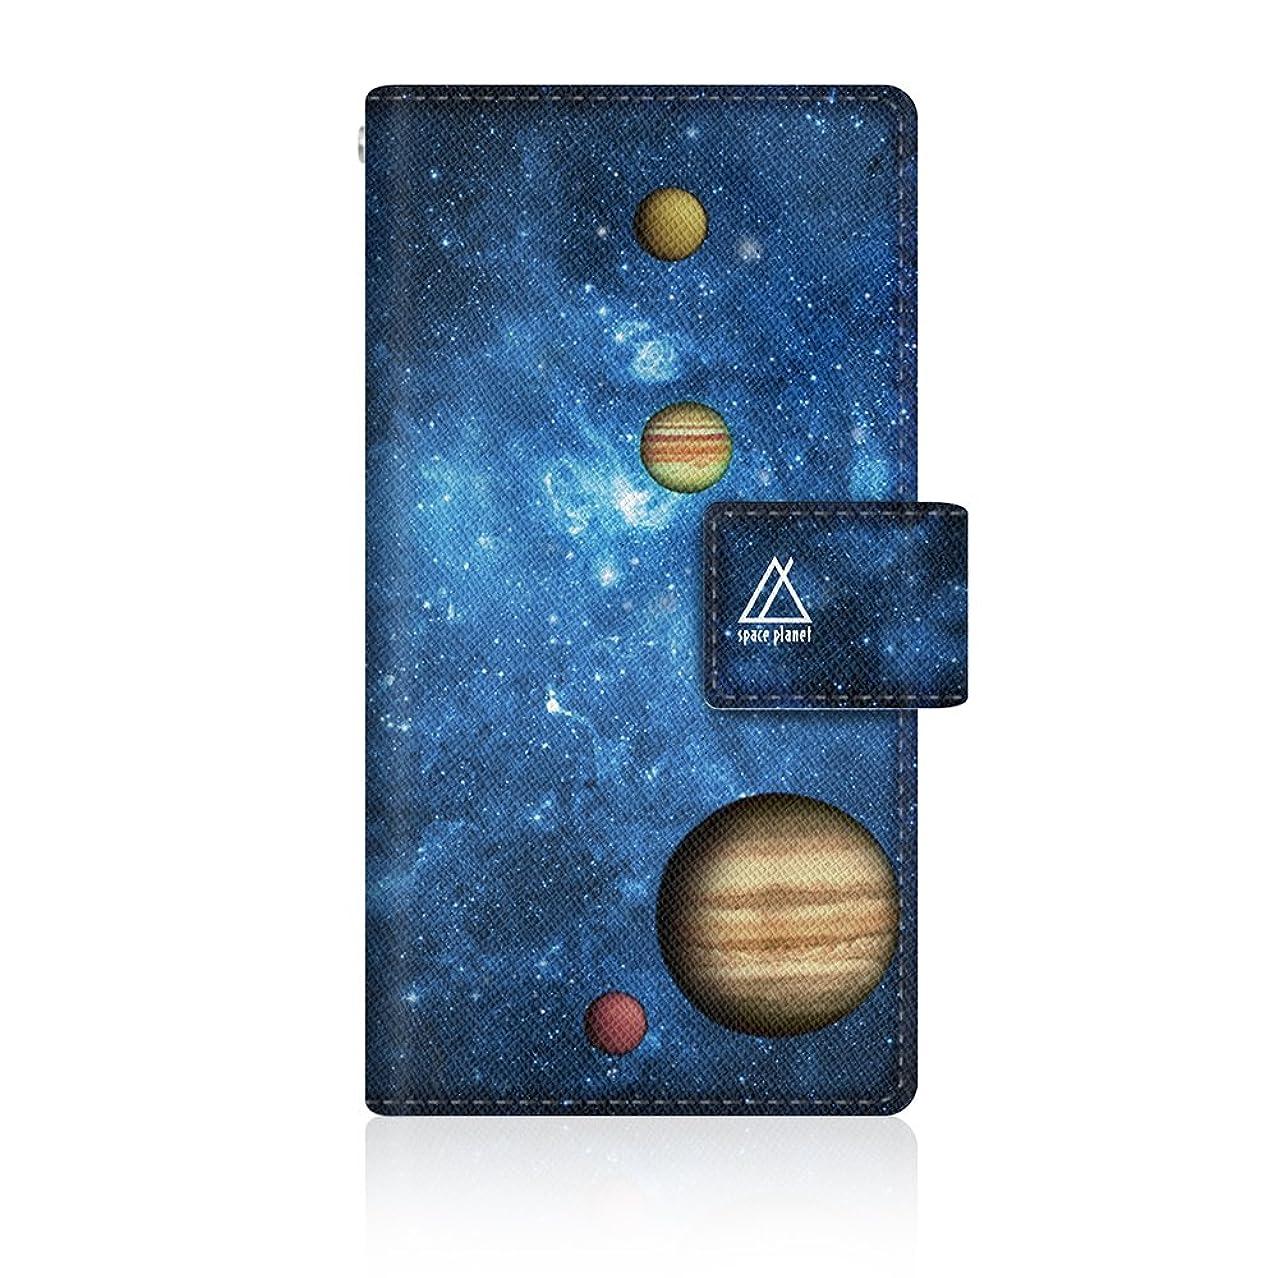 蛇行遠足入り口CaseMarket 【手帳型】 apple iPod touch 第5世代 (iPod-touch5) スリムケース ステッチモデル [ スペース プラネット D コレクション ブルー スリム ダイアリー  ] iPod-touch5-VCM2S2172